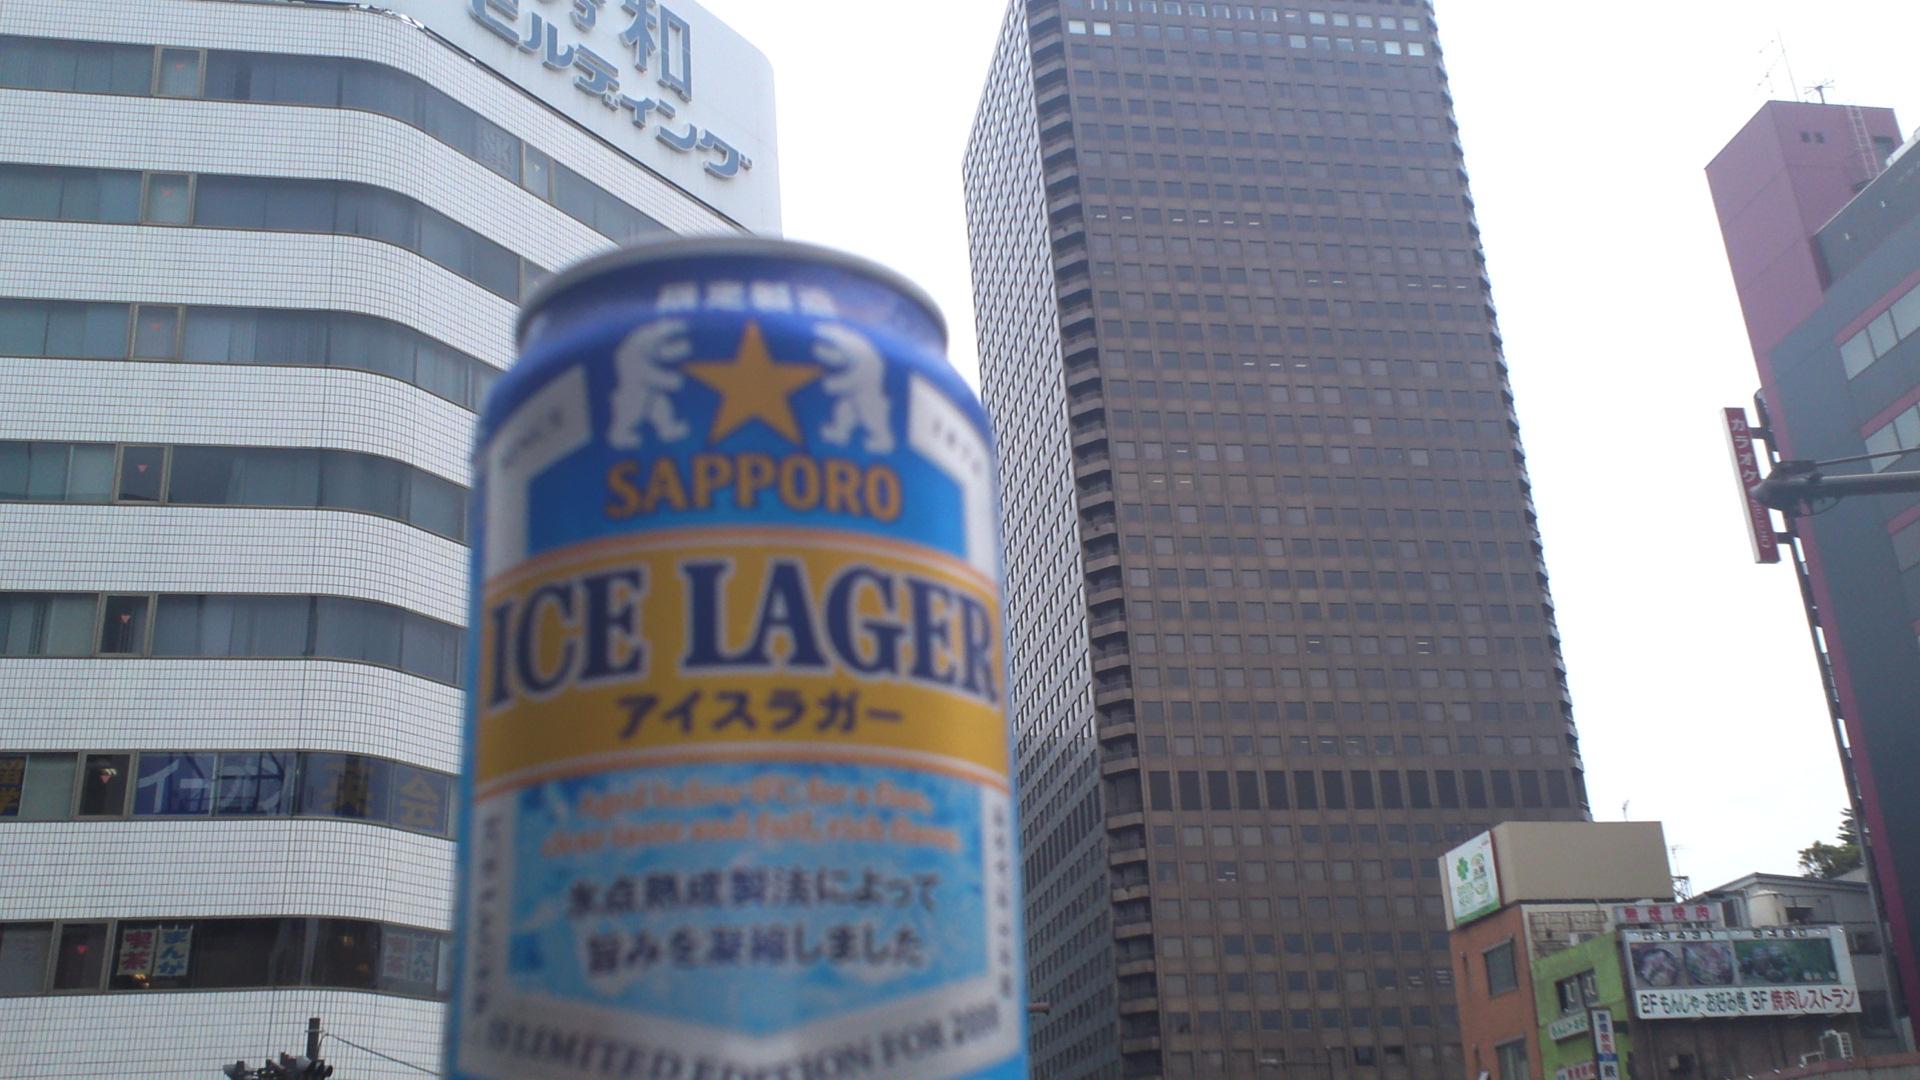 アイス ラガー